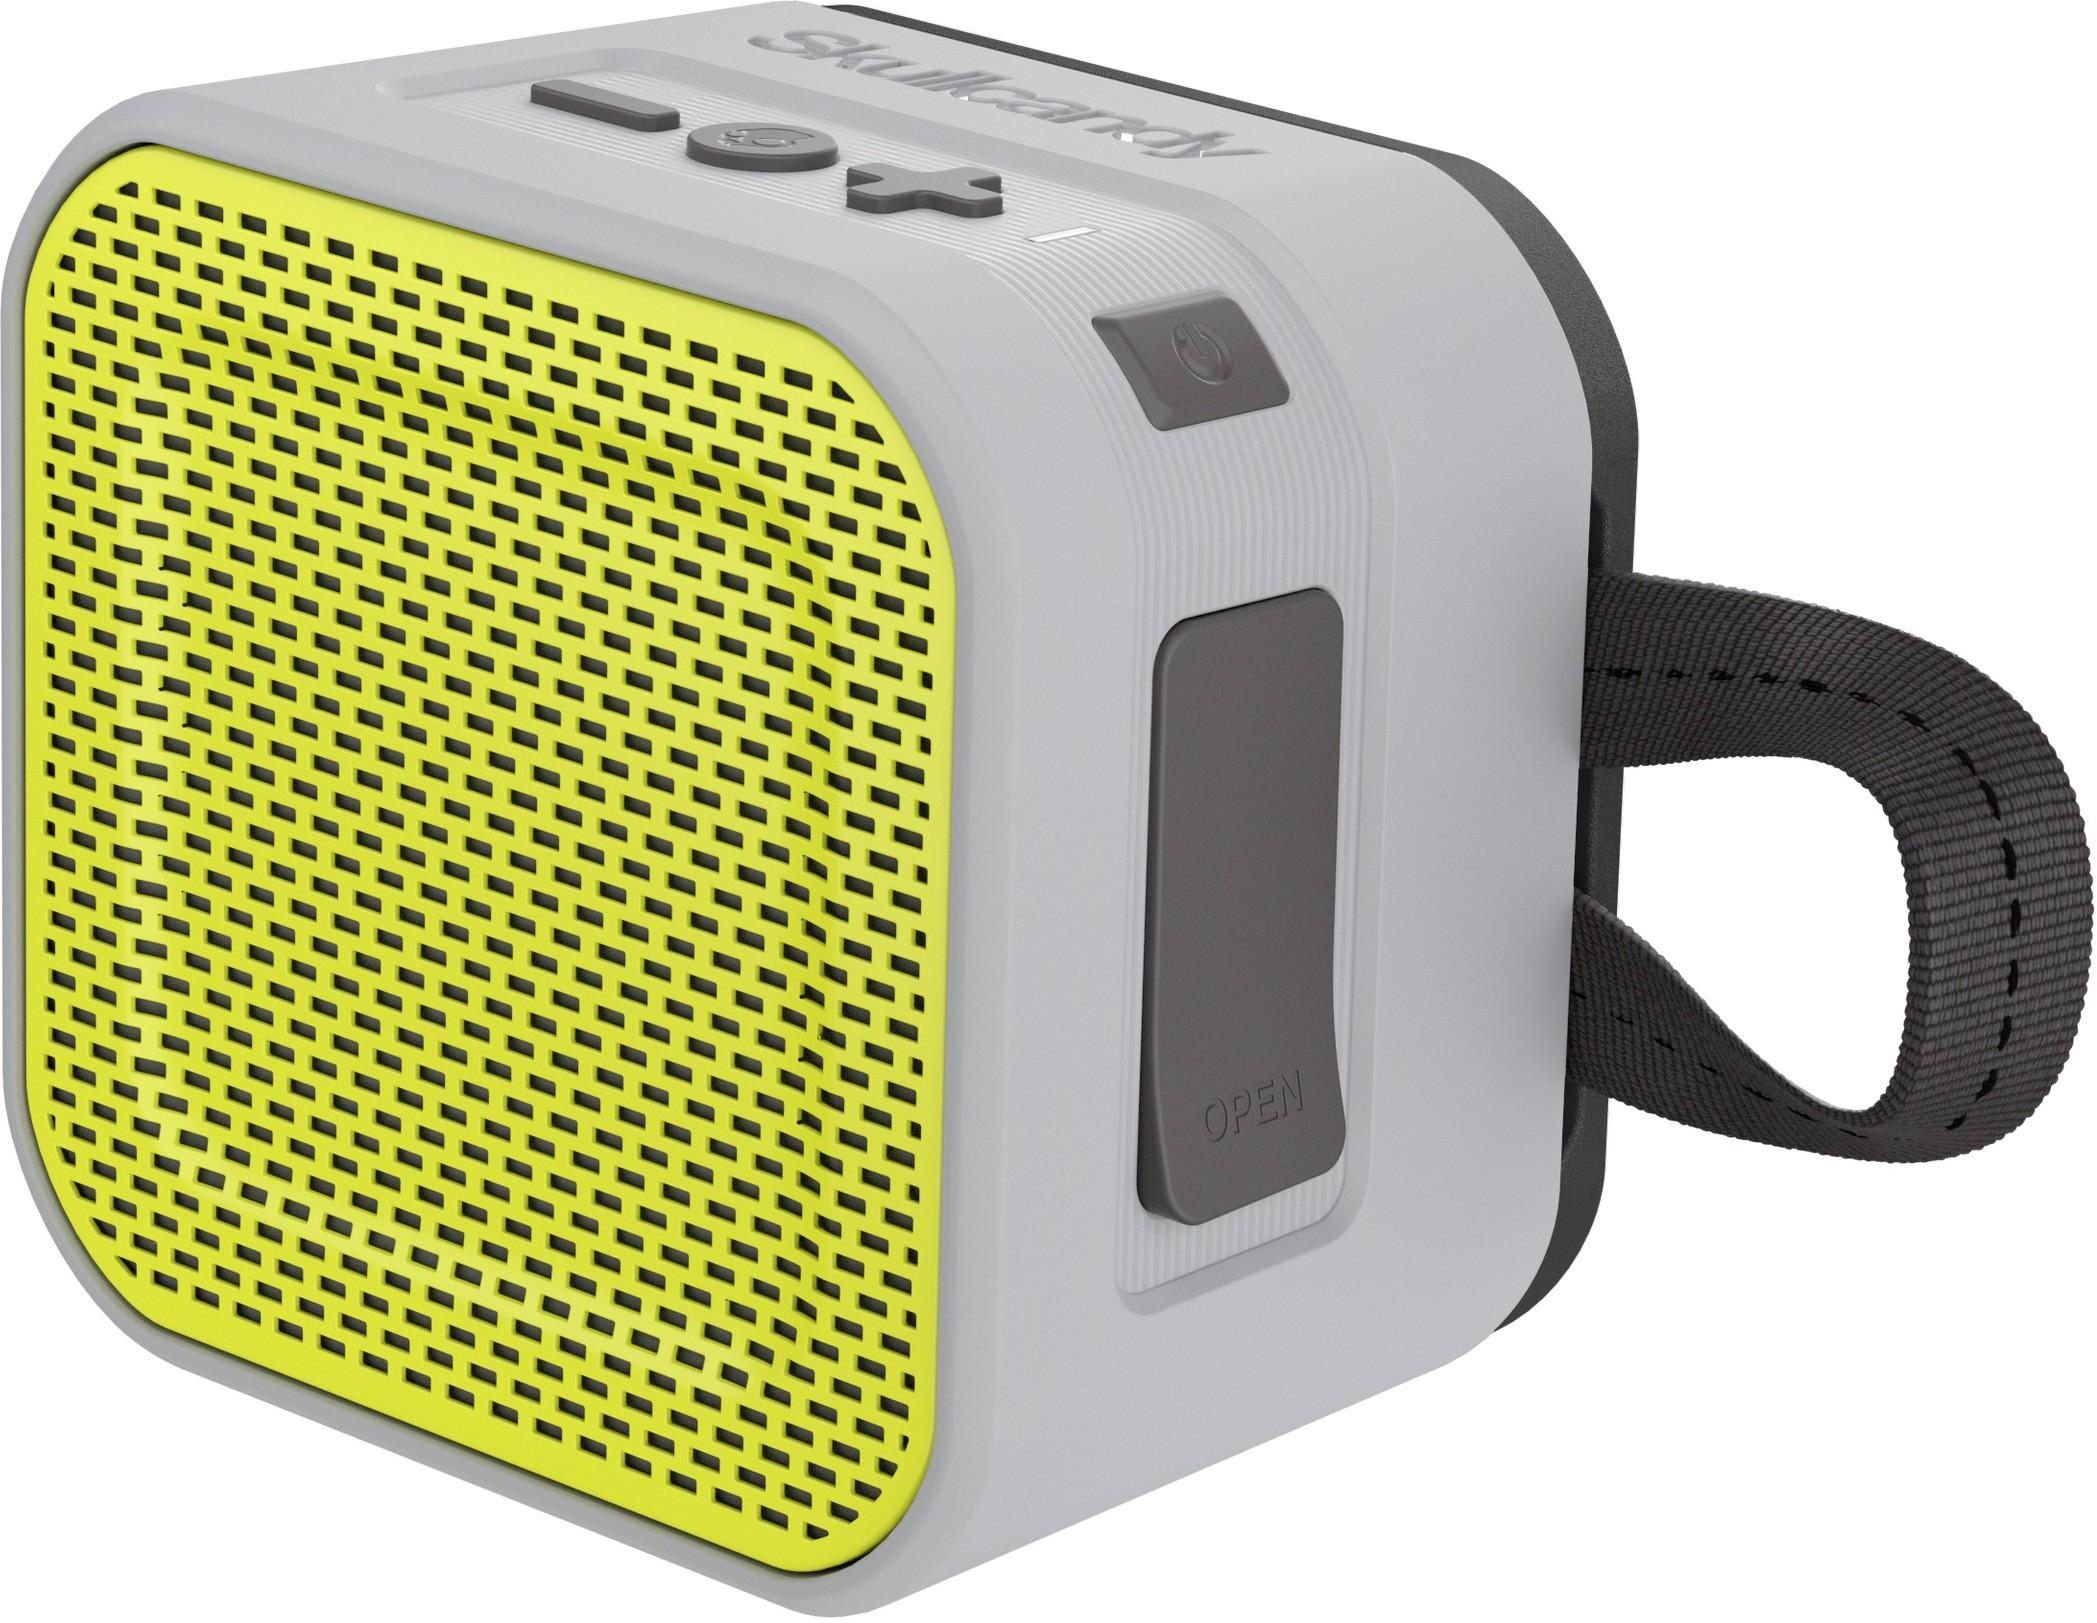 Skullcandy S7PBW-J583 Barricade Mini Portable Bluetooth Mobile/Tablet Speaker(Gray/Hot Lime, 1 Channel)